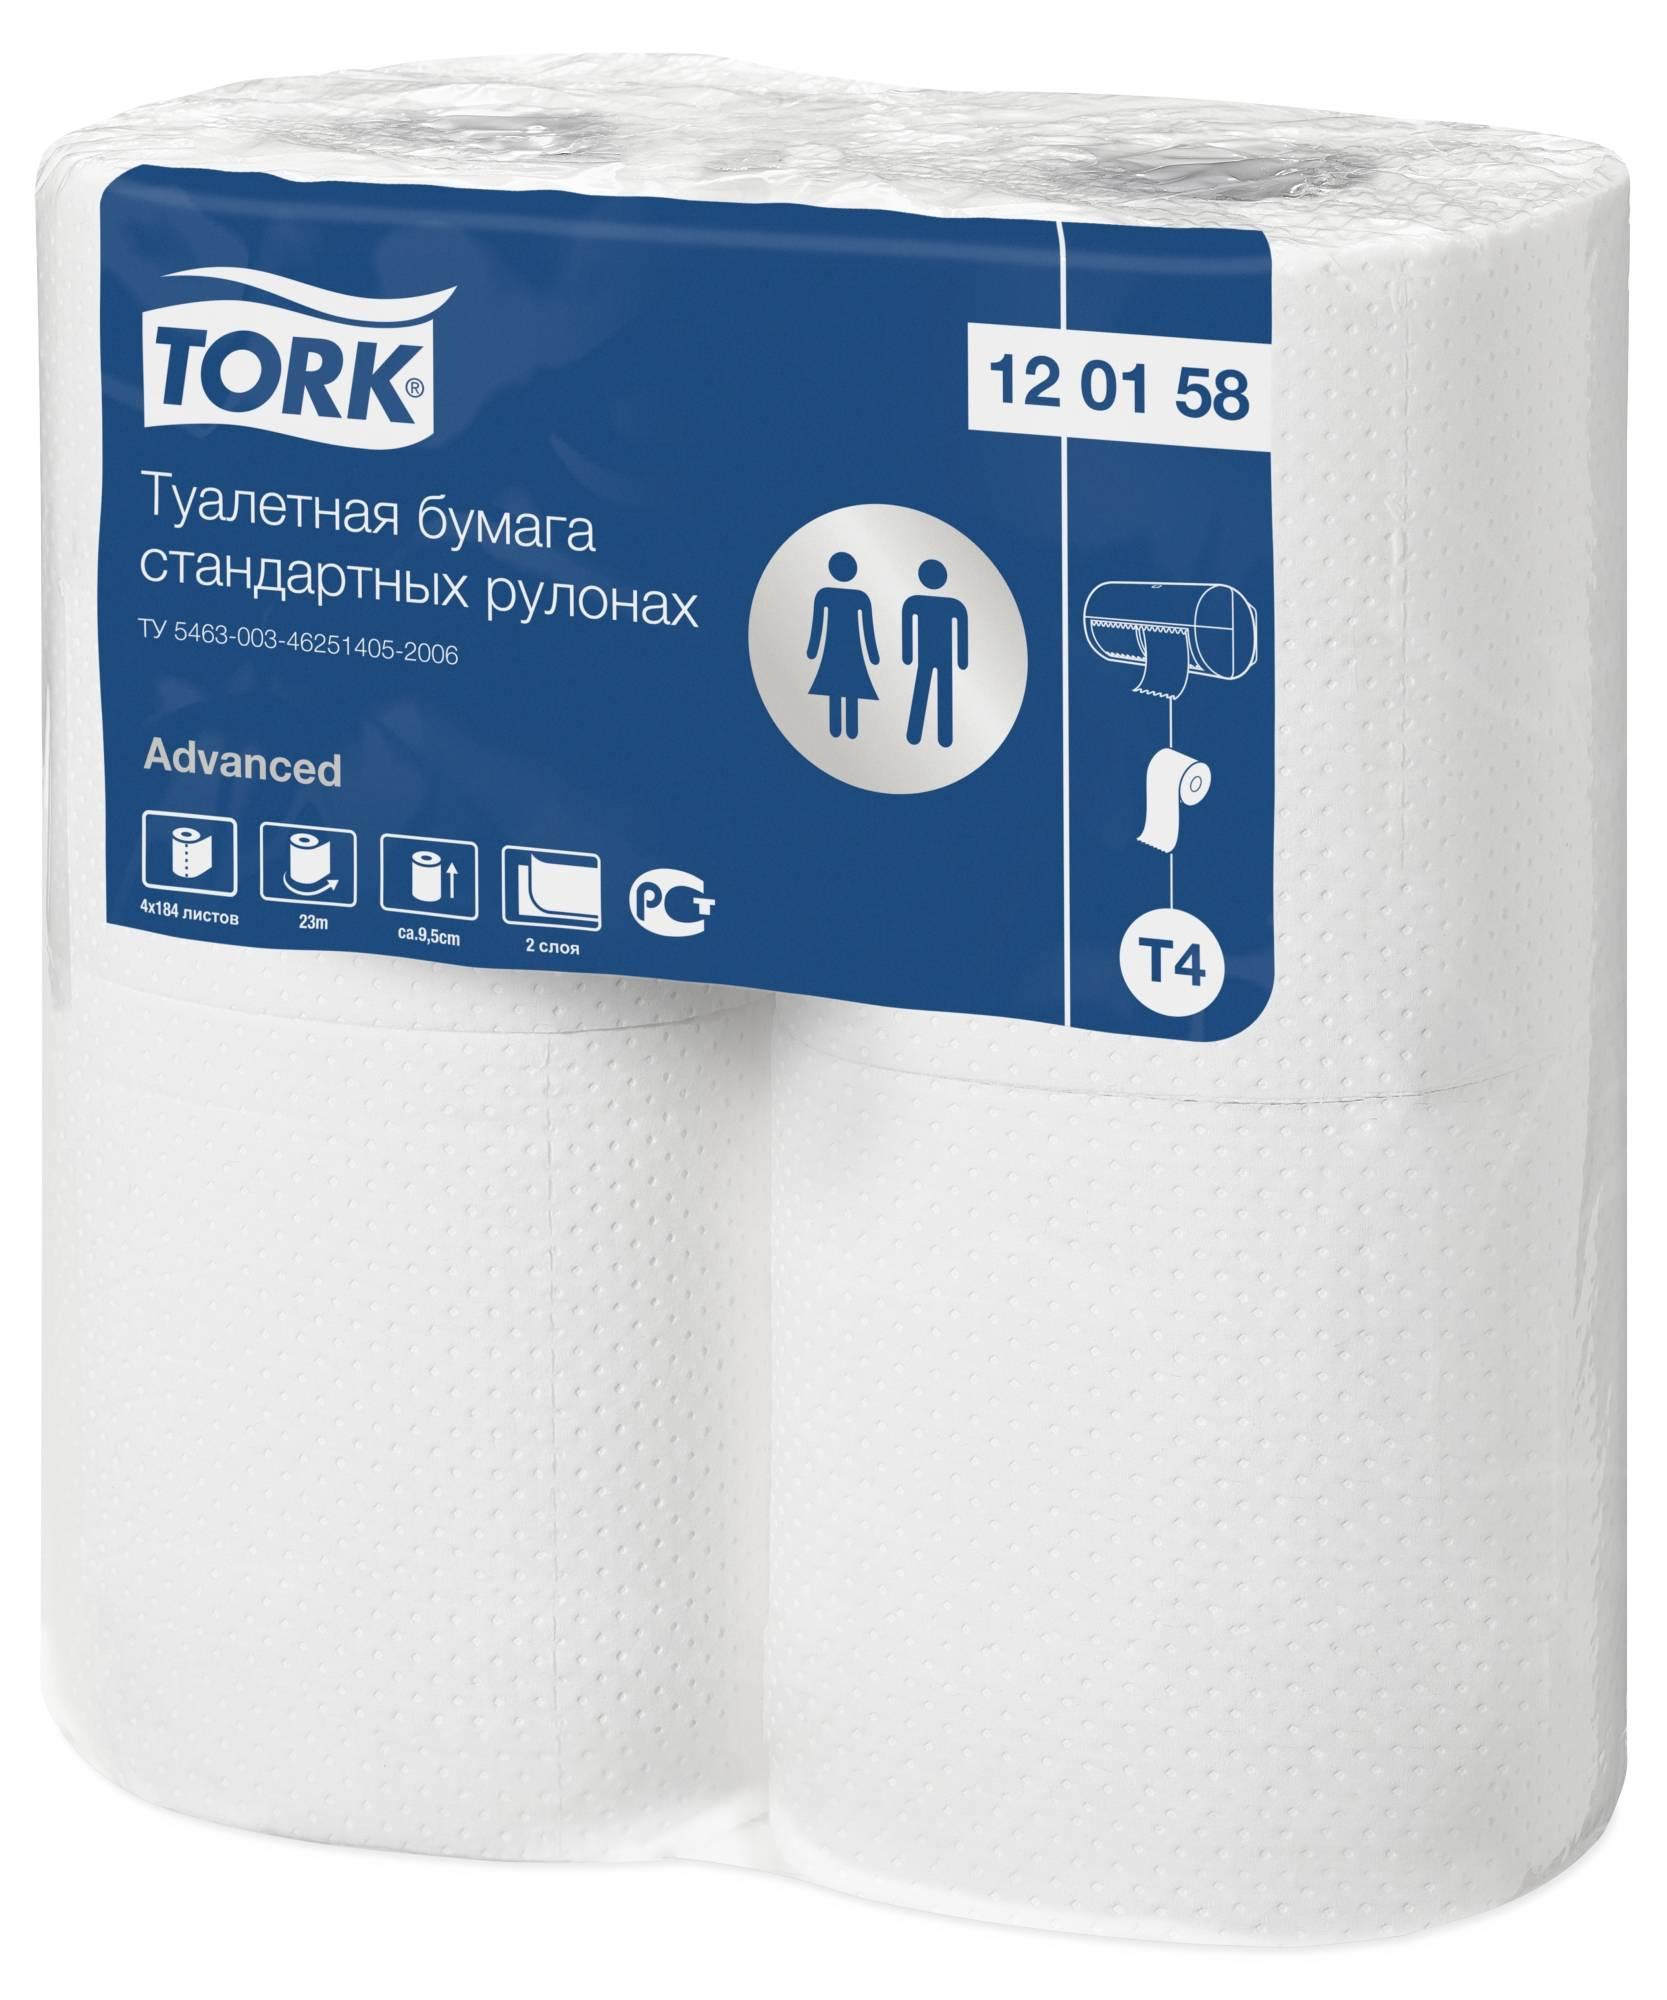 Туалетная бумага, TORK ADVANCED T4, 2 слойная, 4 шт, белый, 184 л.